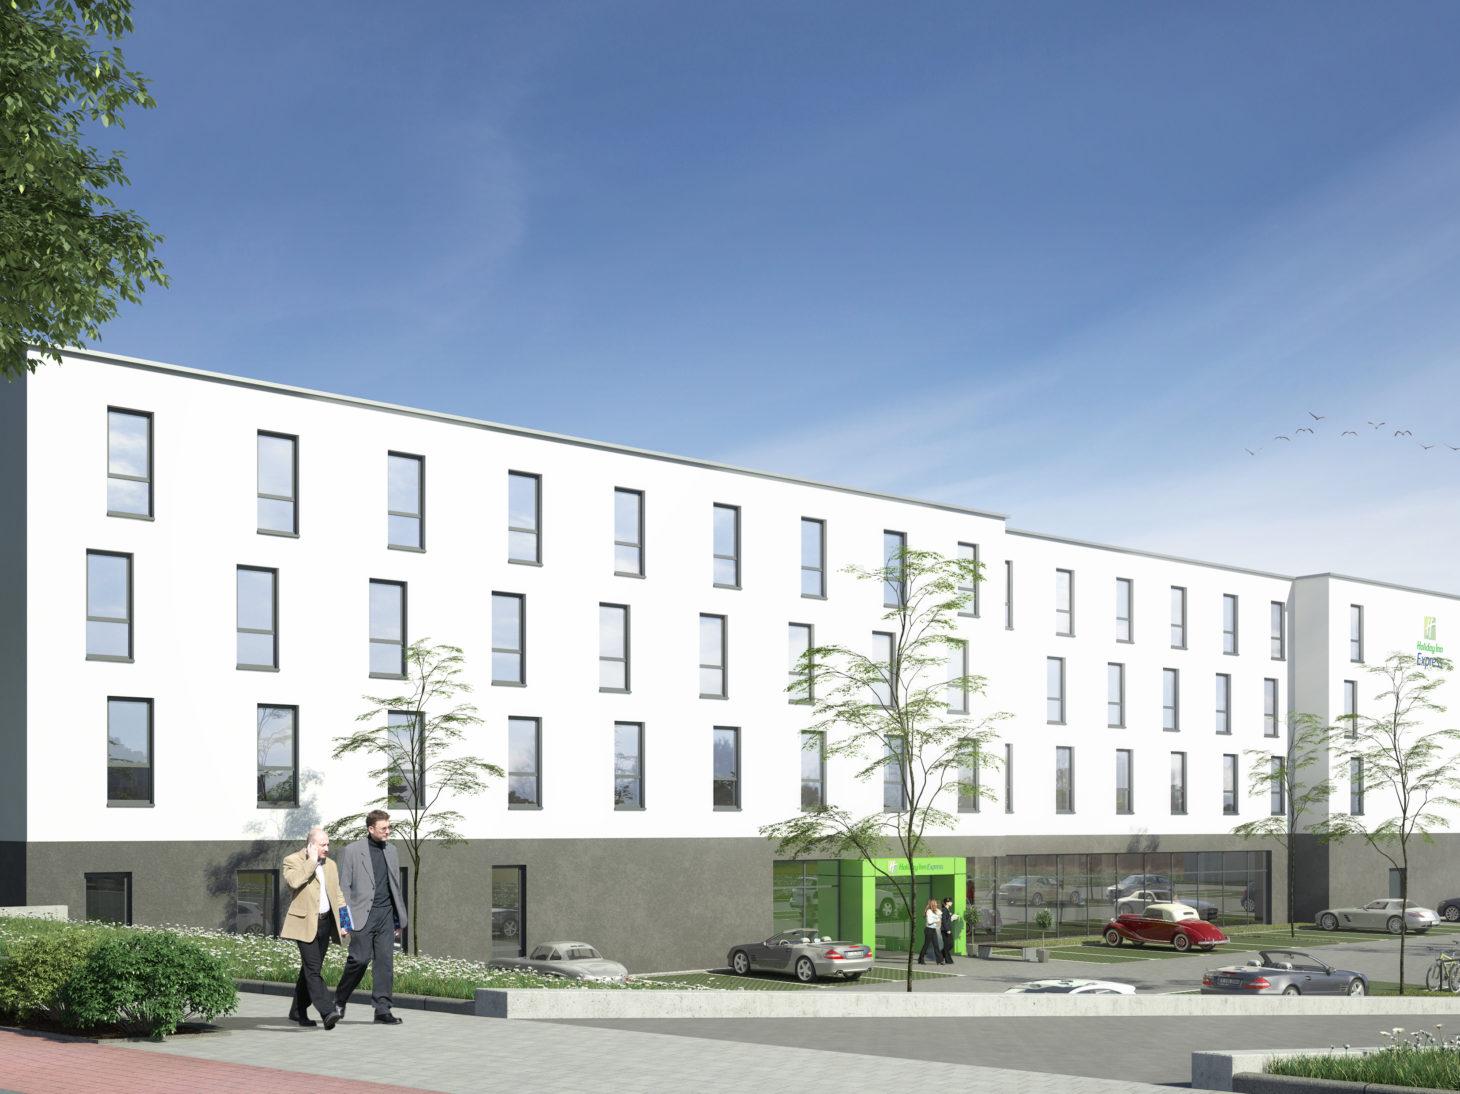 Illustration des neuen HIEX Hotels in Sindelfingen